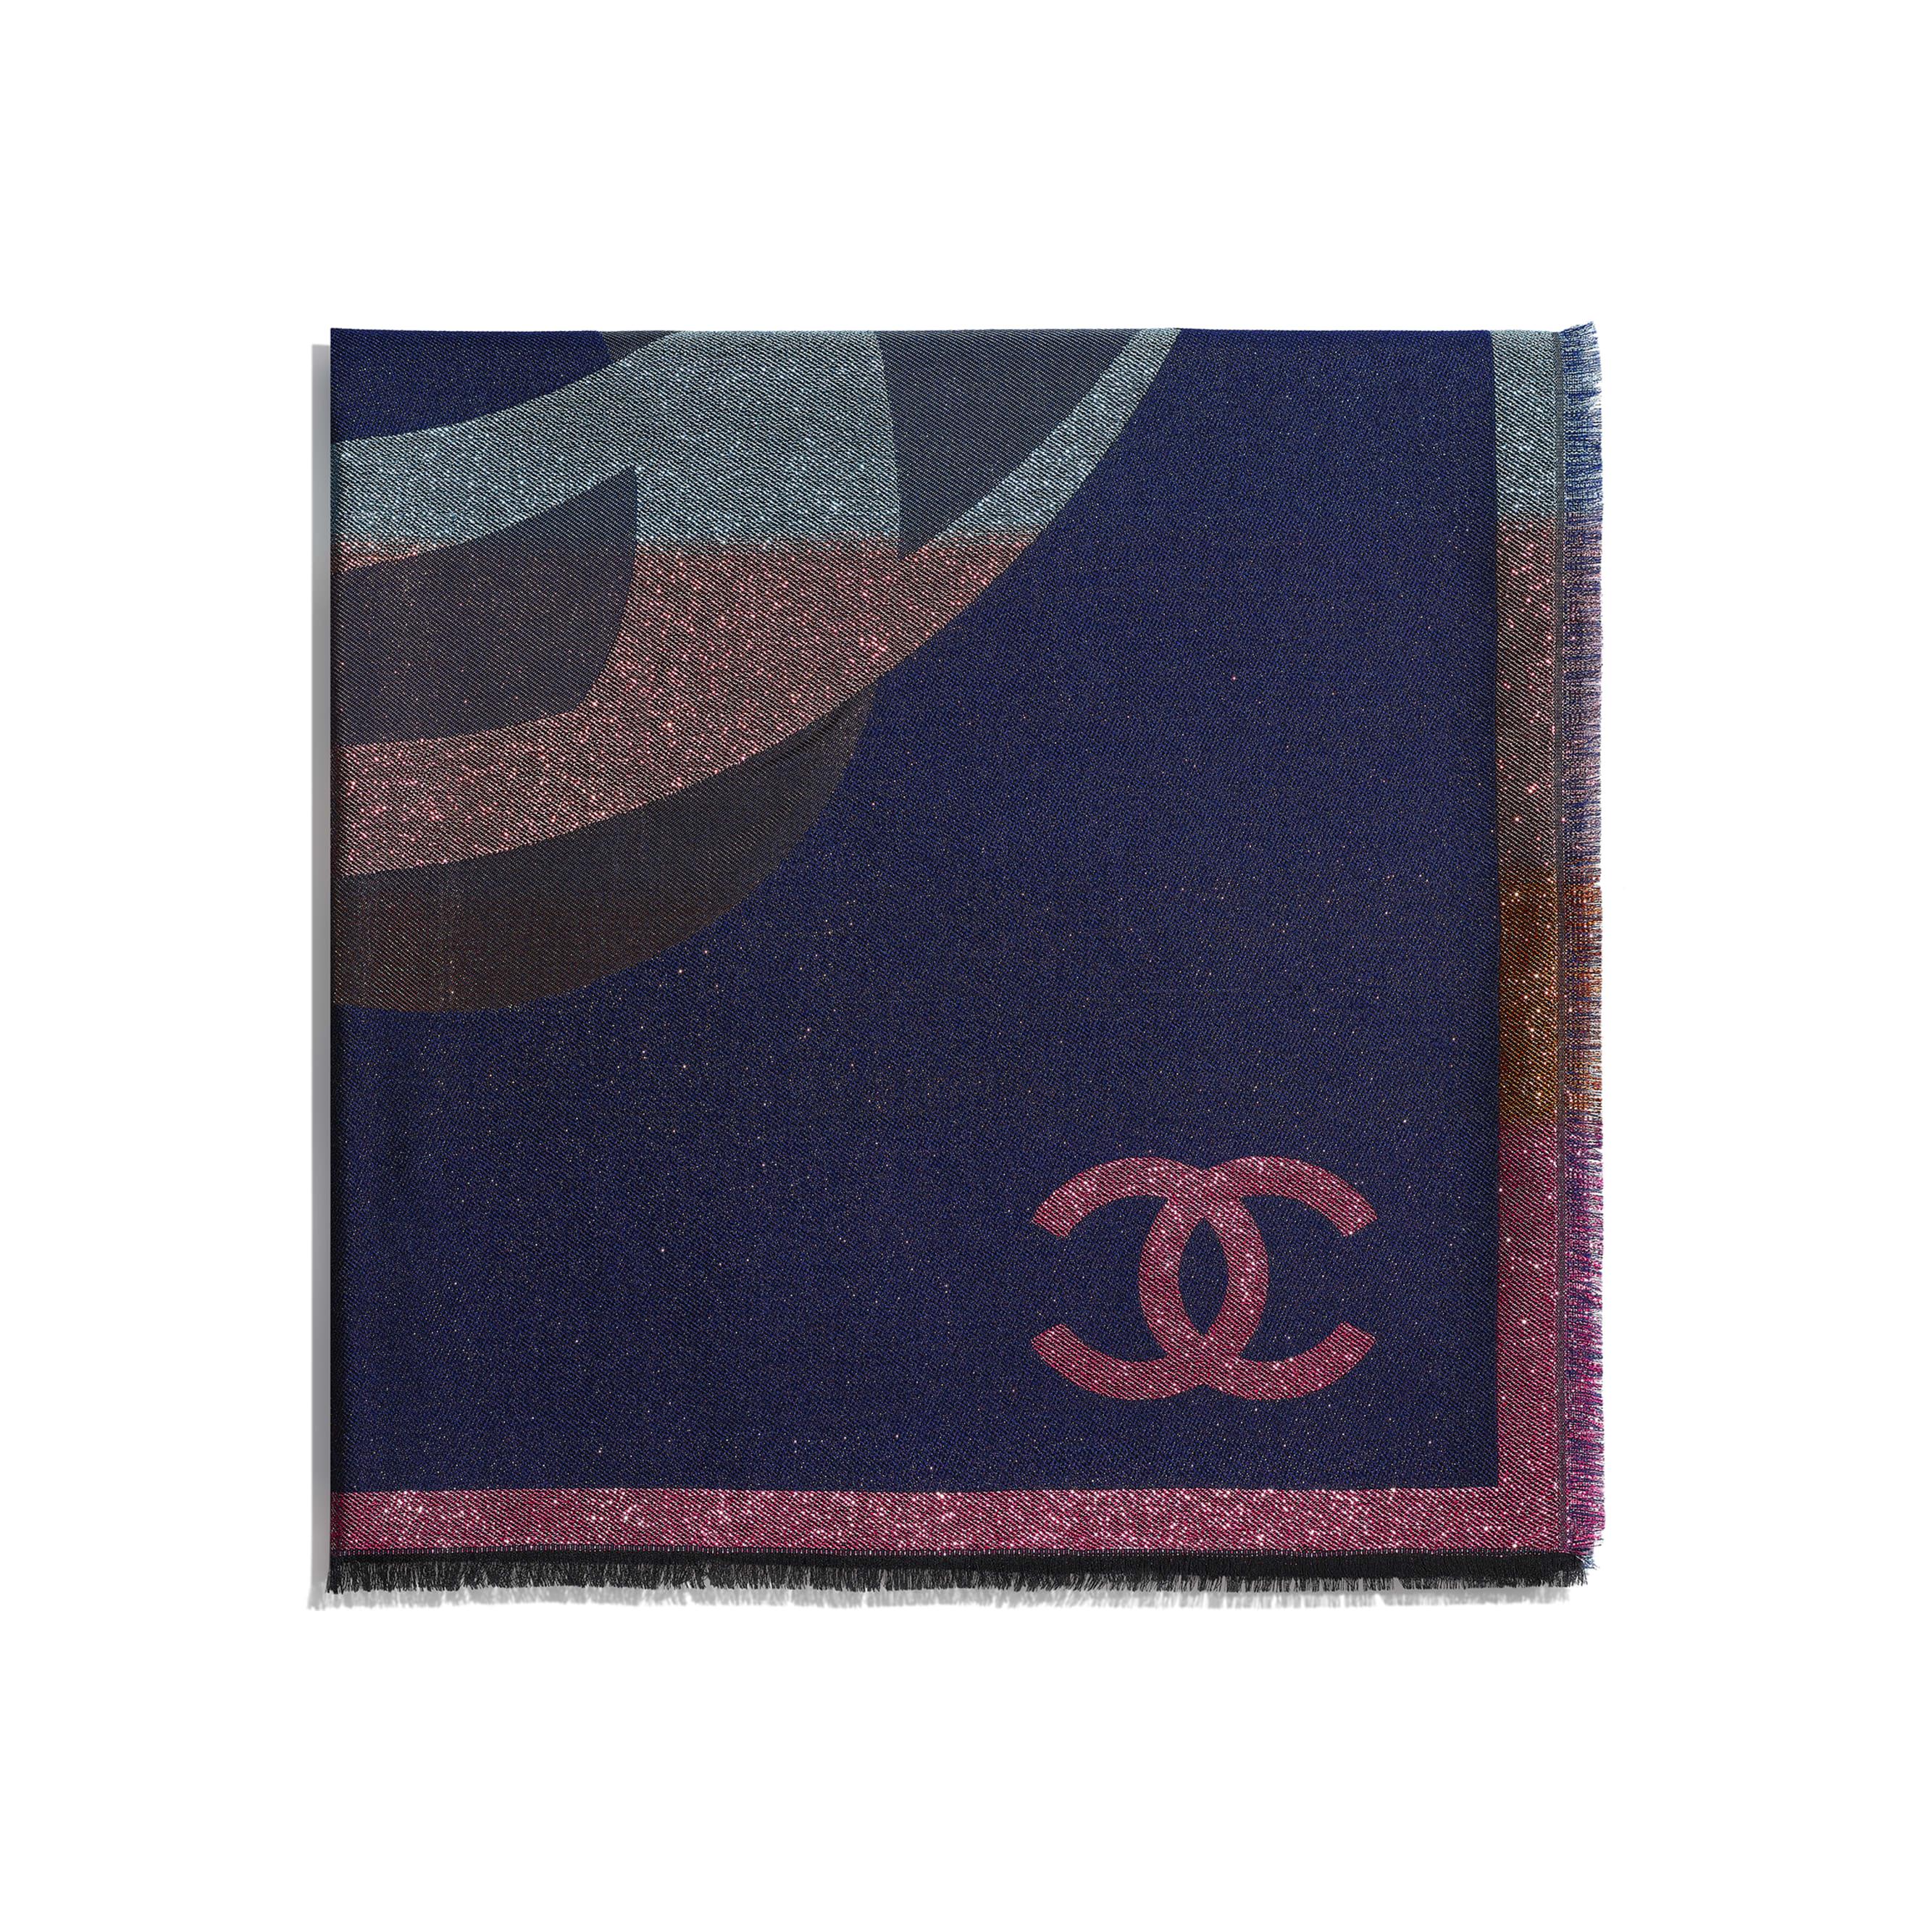 Lenço Quadrado - Navy Blue & Multicolor - Cashmere, Silk & Metallic Fibers - CHANEL - Vista alternativa - ver a versão em tamanho standard